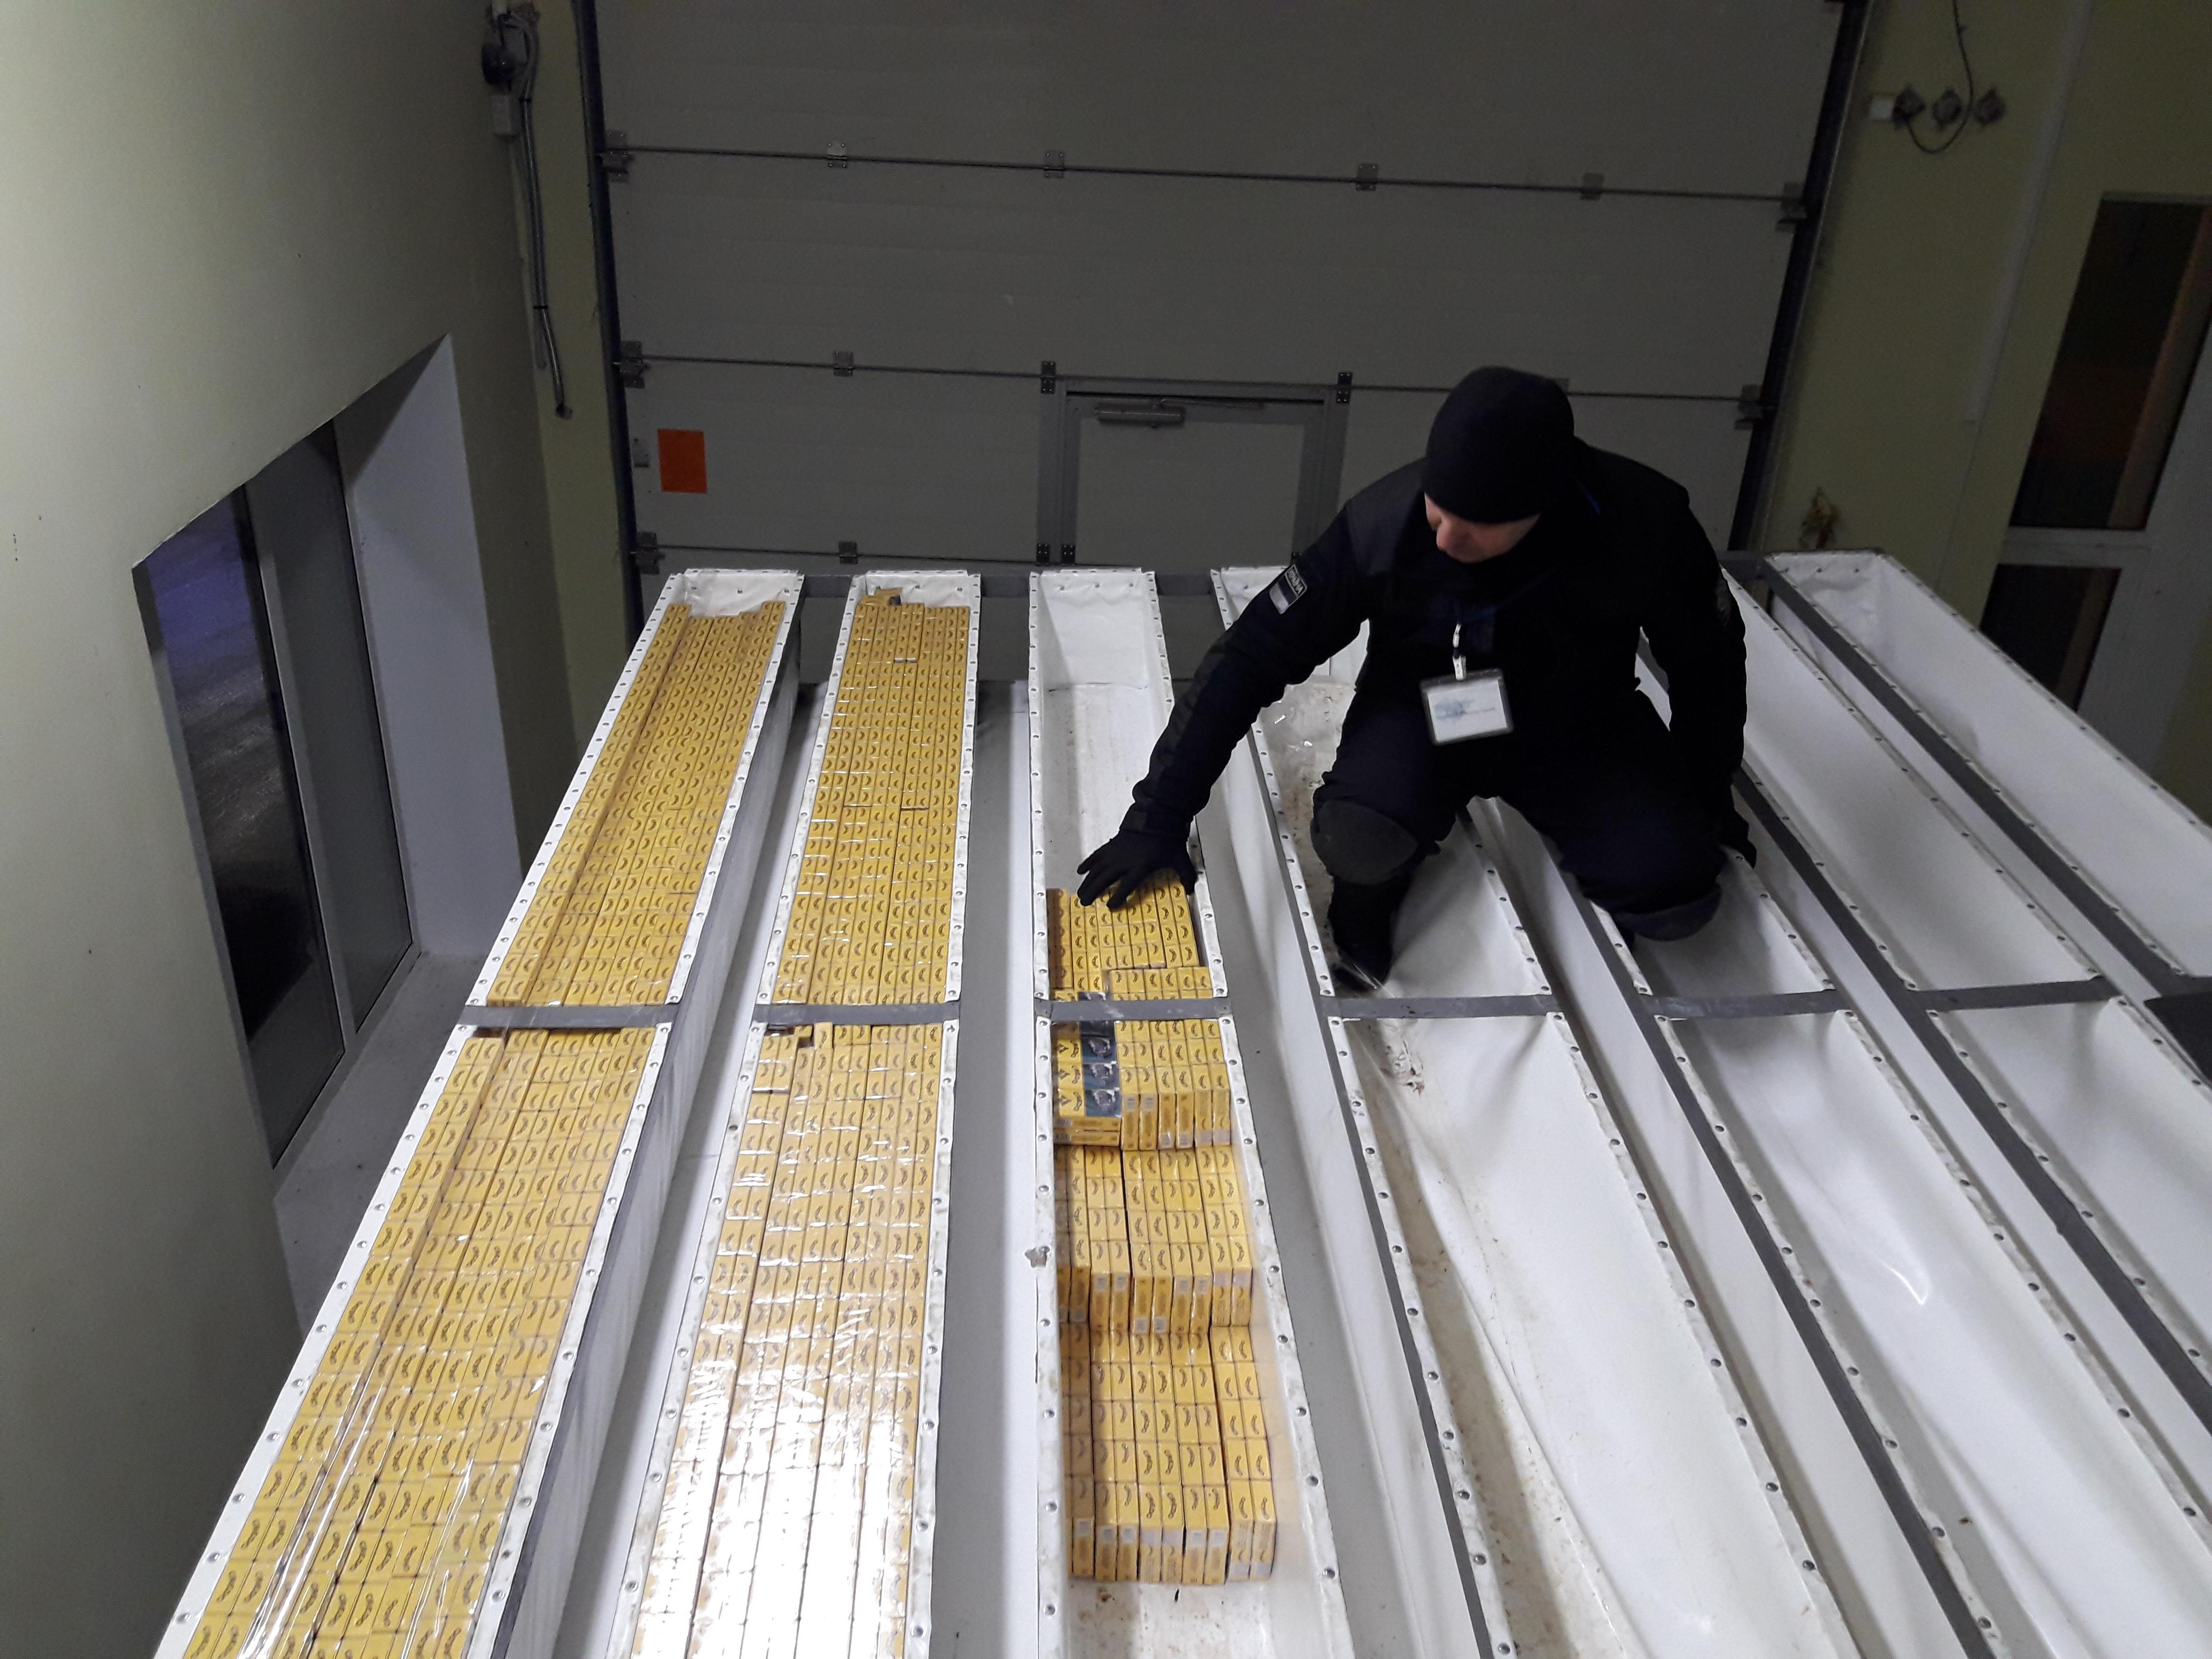 На кордоні в подвійній стелі вантажівки знайшли контрабандні цигарки (Фото)